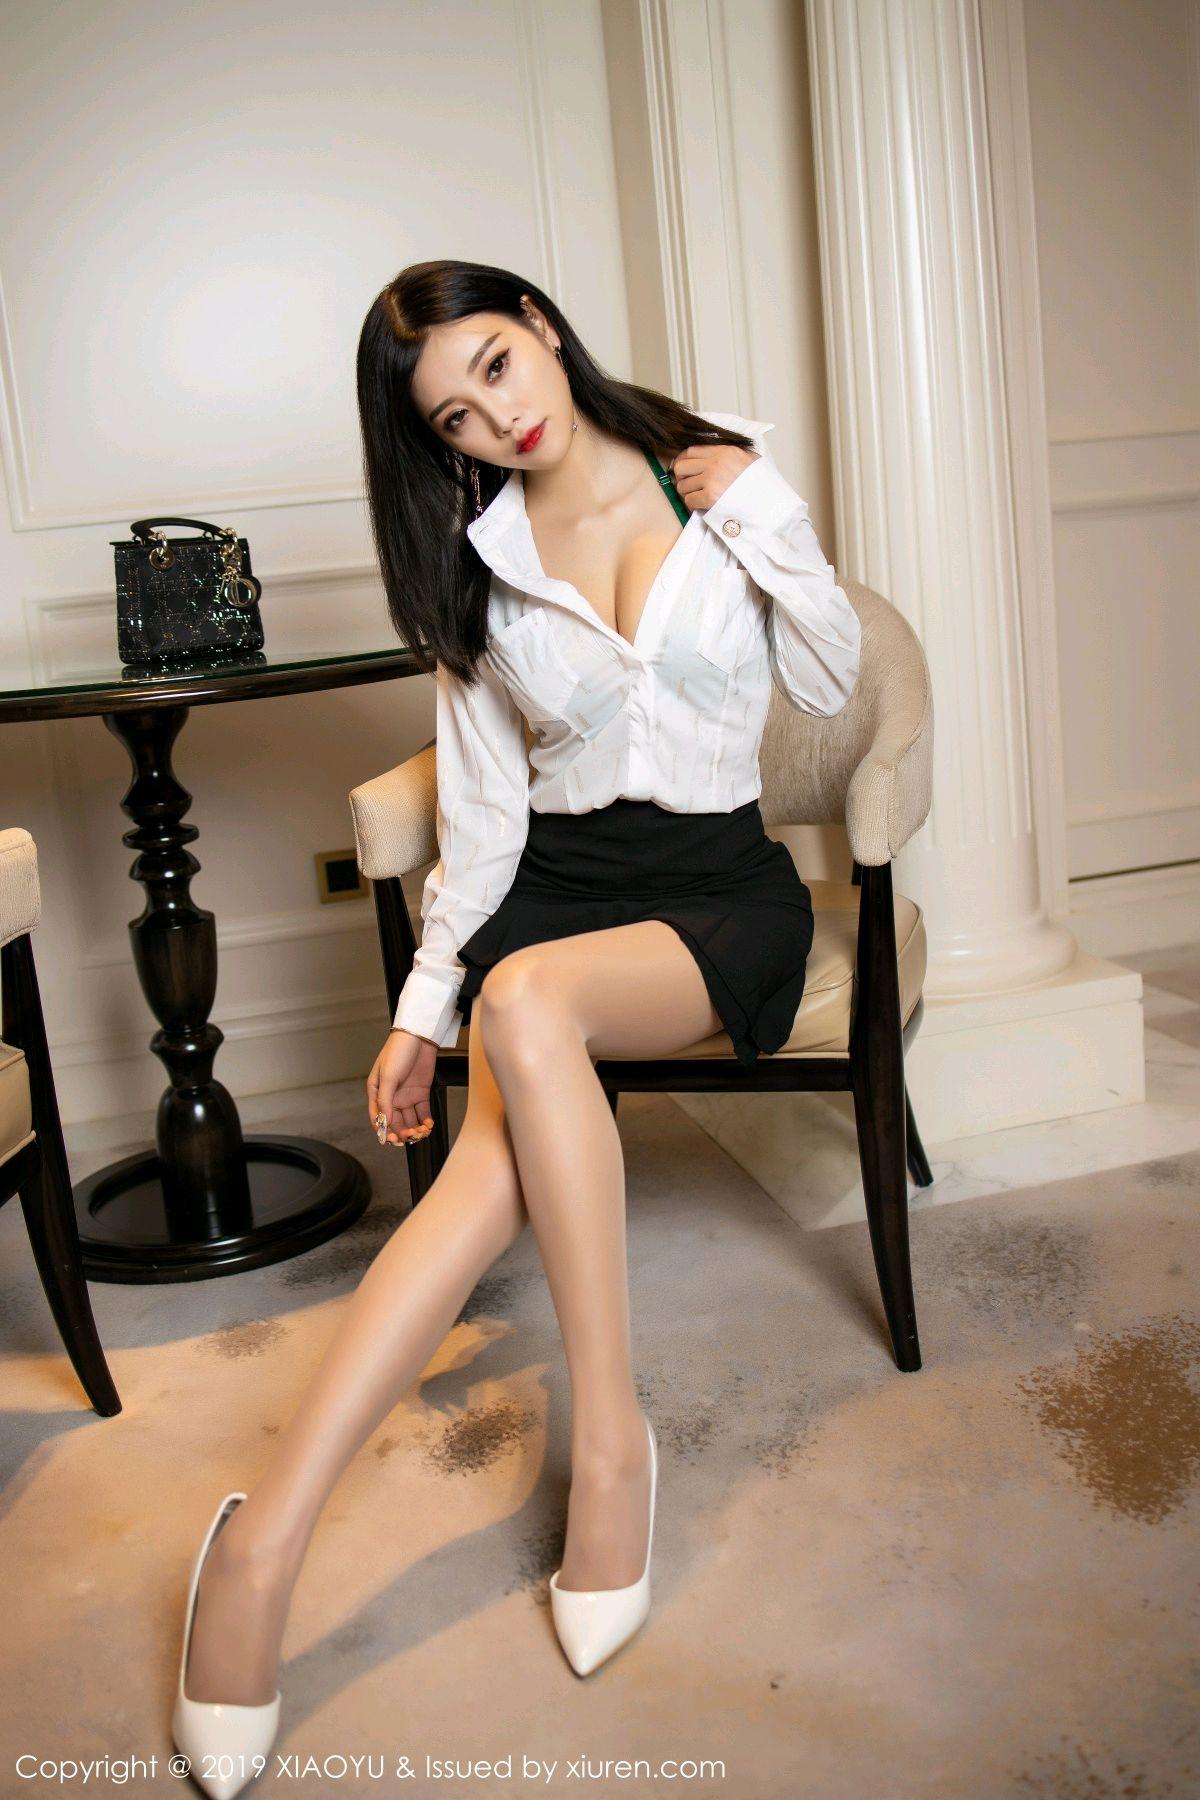 [XiaoYu] Vol.224 Yang Chen Chen 15P, Tall, Underwear, XiaoYu, Yang Chen Chen